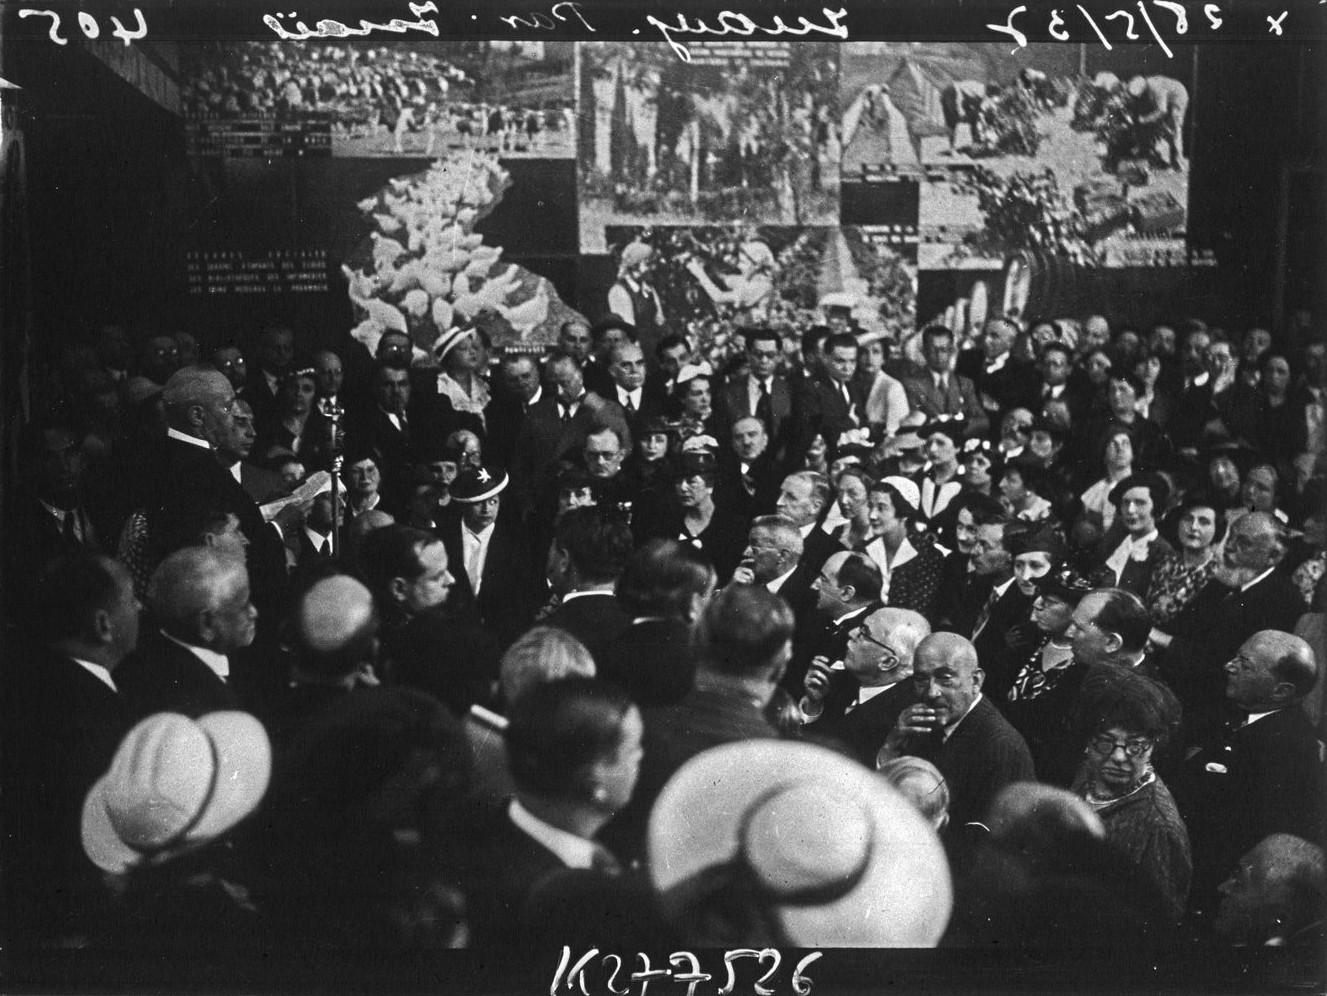 Торжественное открытие павильона Израиля-Палестины. 23 мая 1937